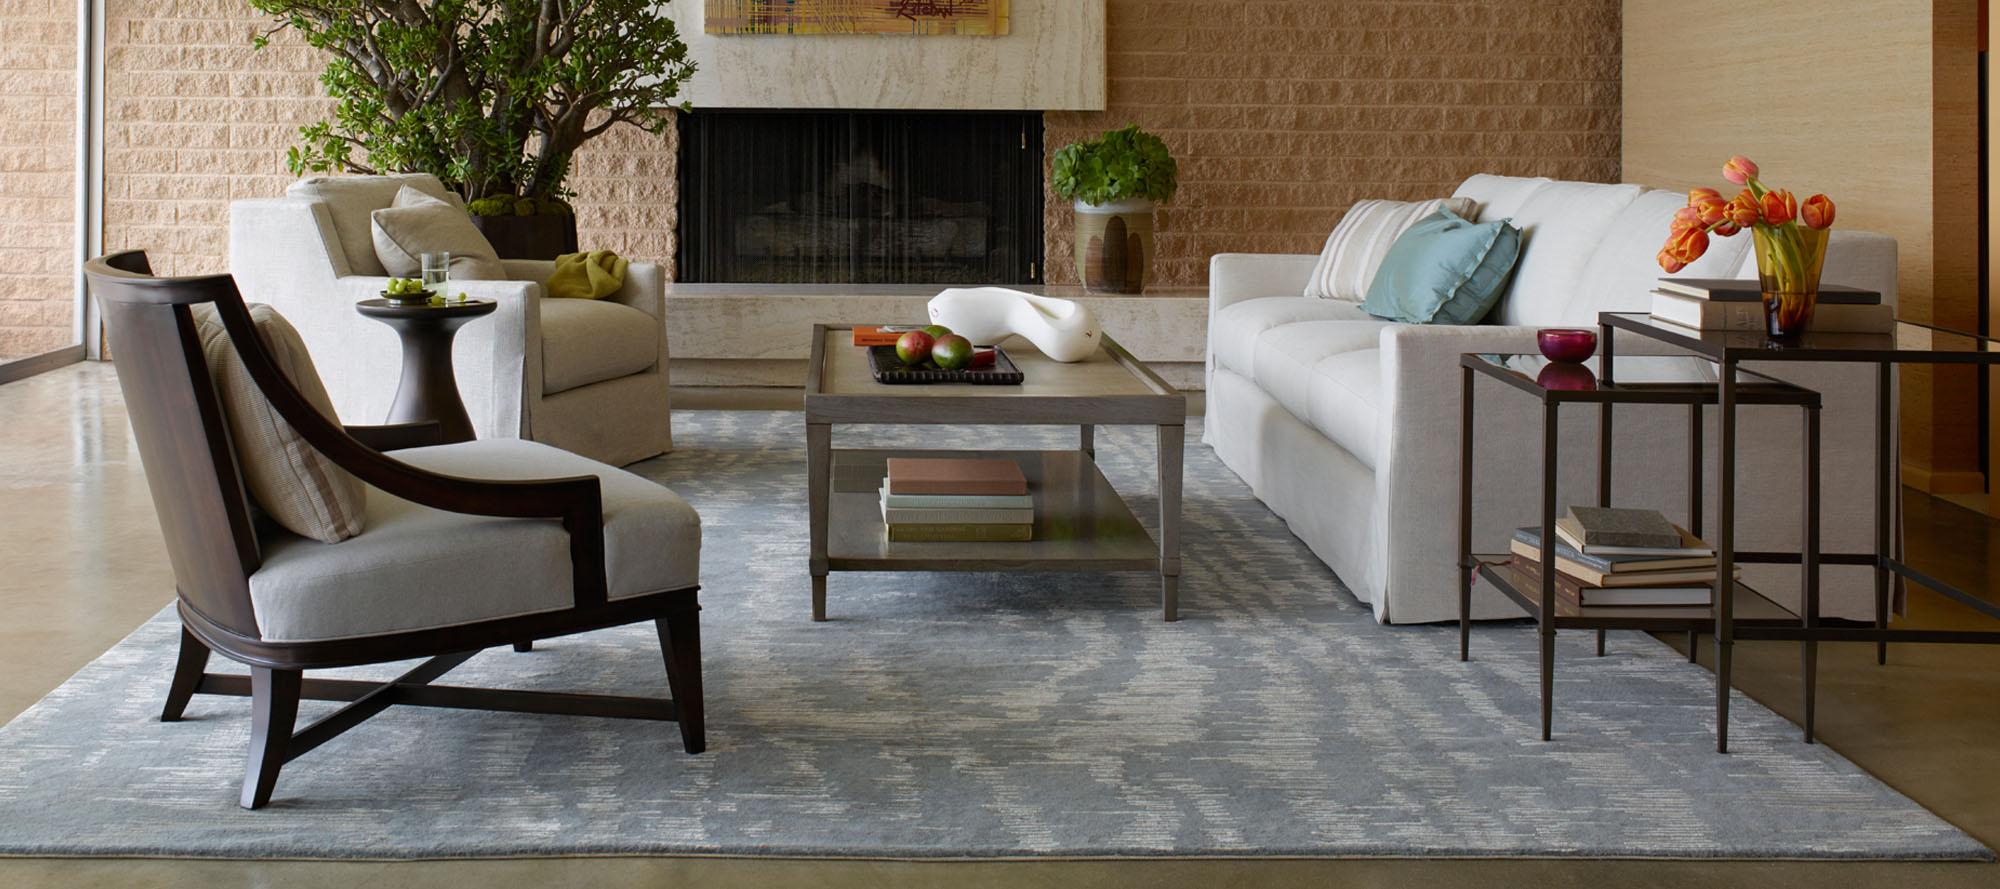 barbara barry baker furniture. Black Bedroom Furniture Sets. Home Design Ideas